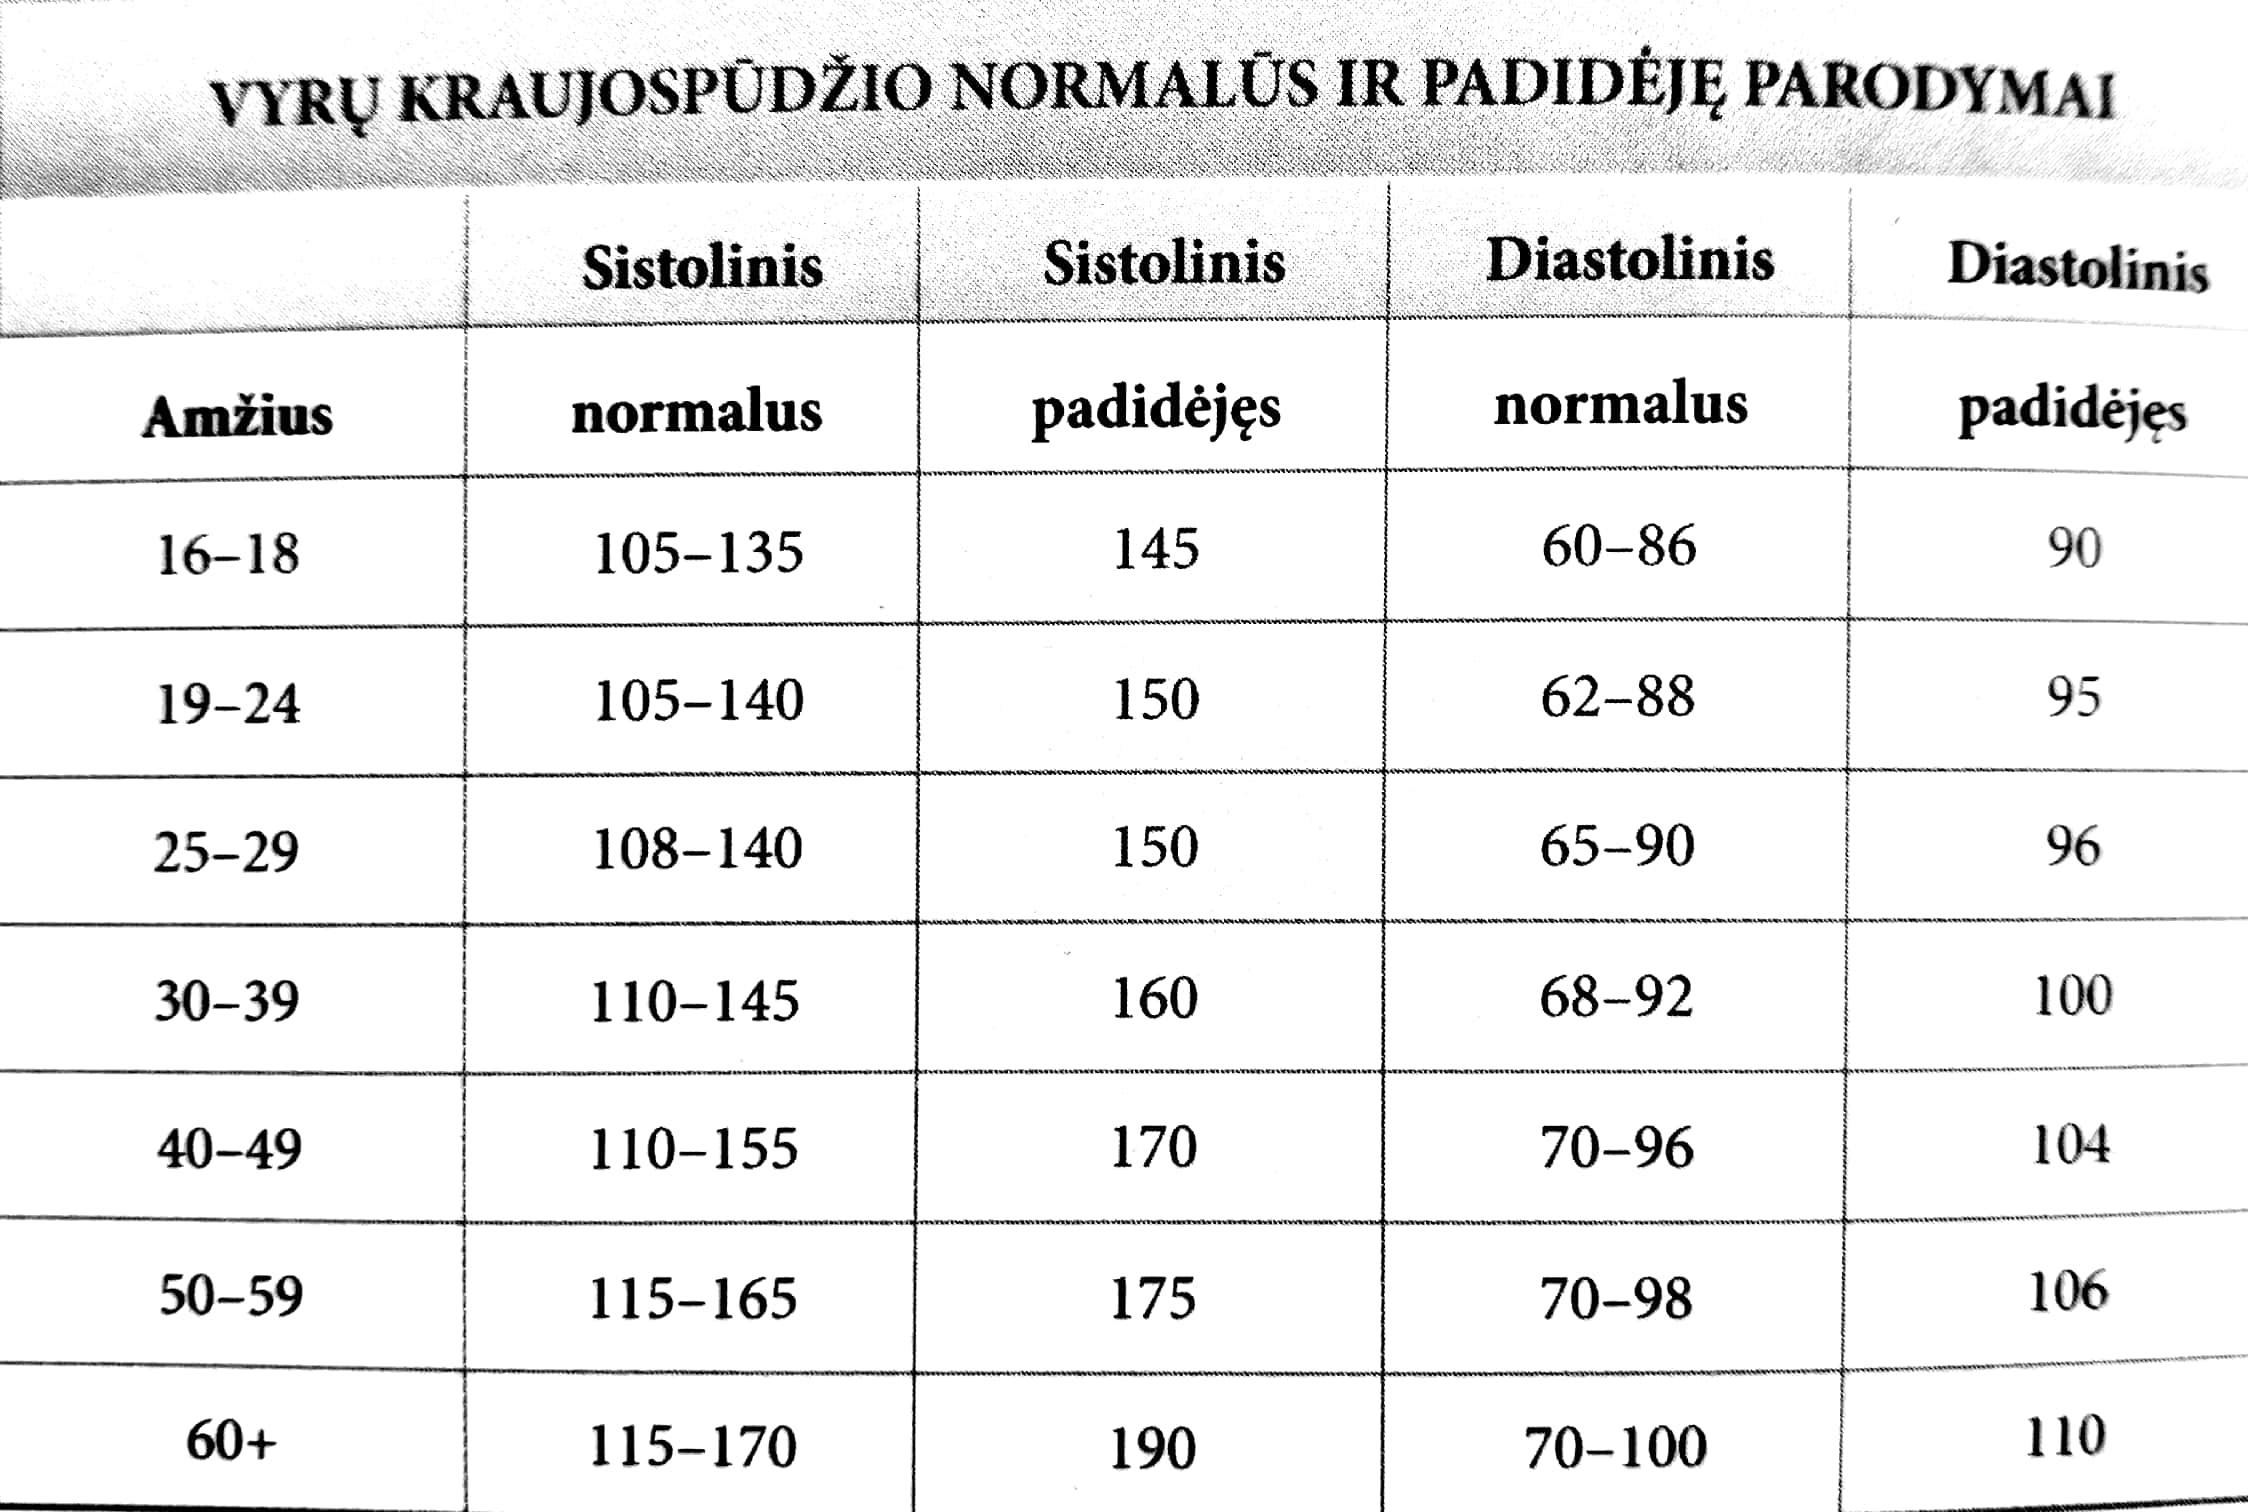 aukstas diastolinis spaudimas